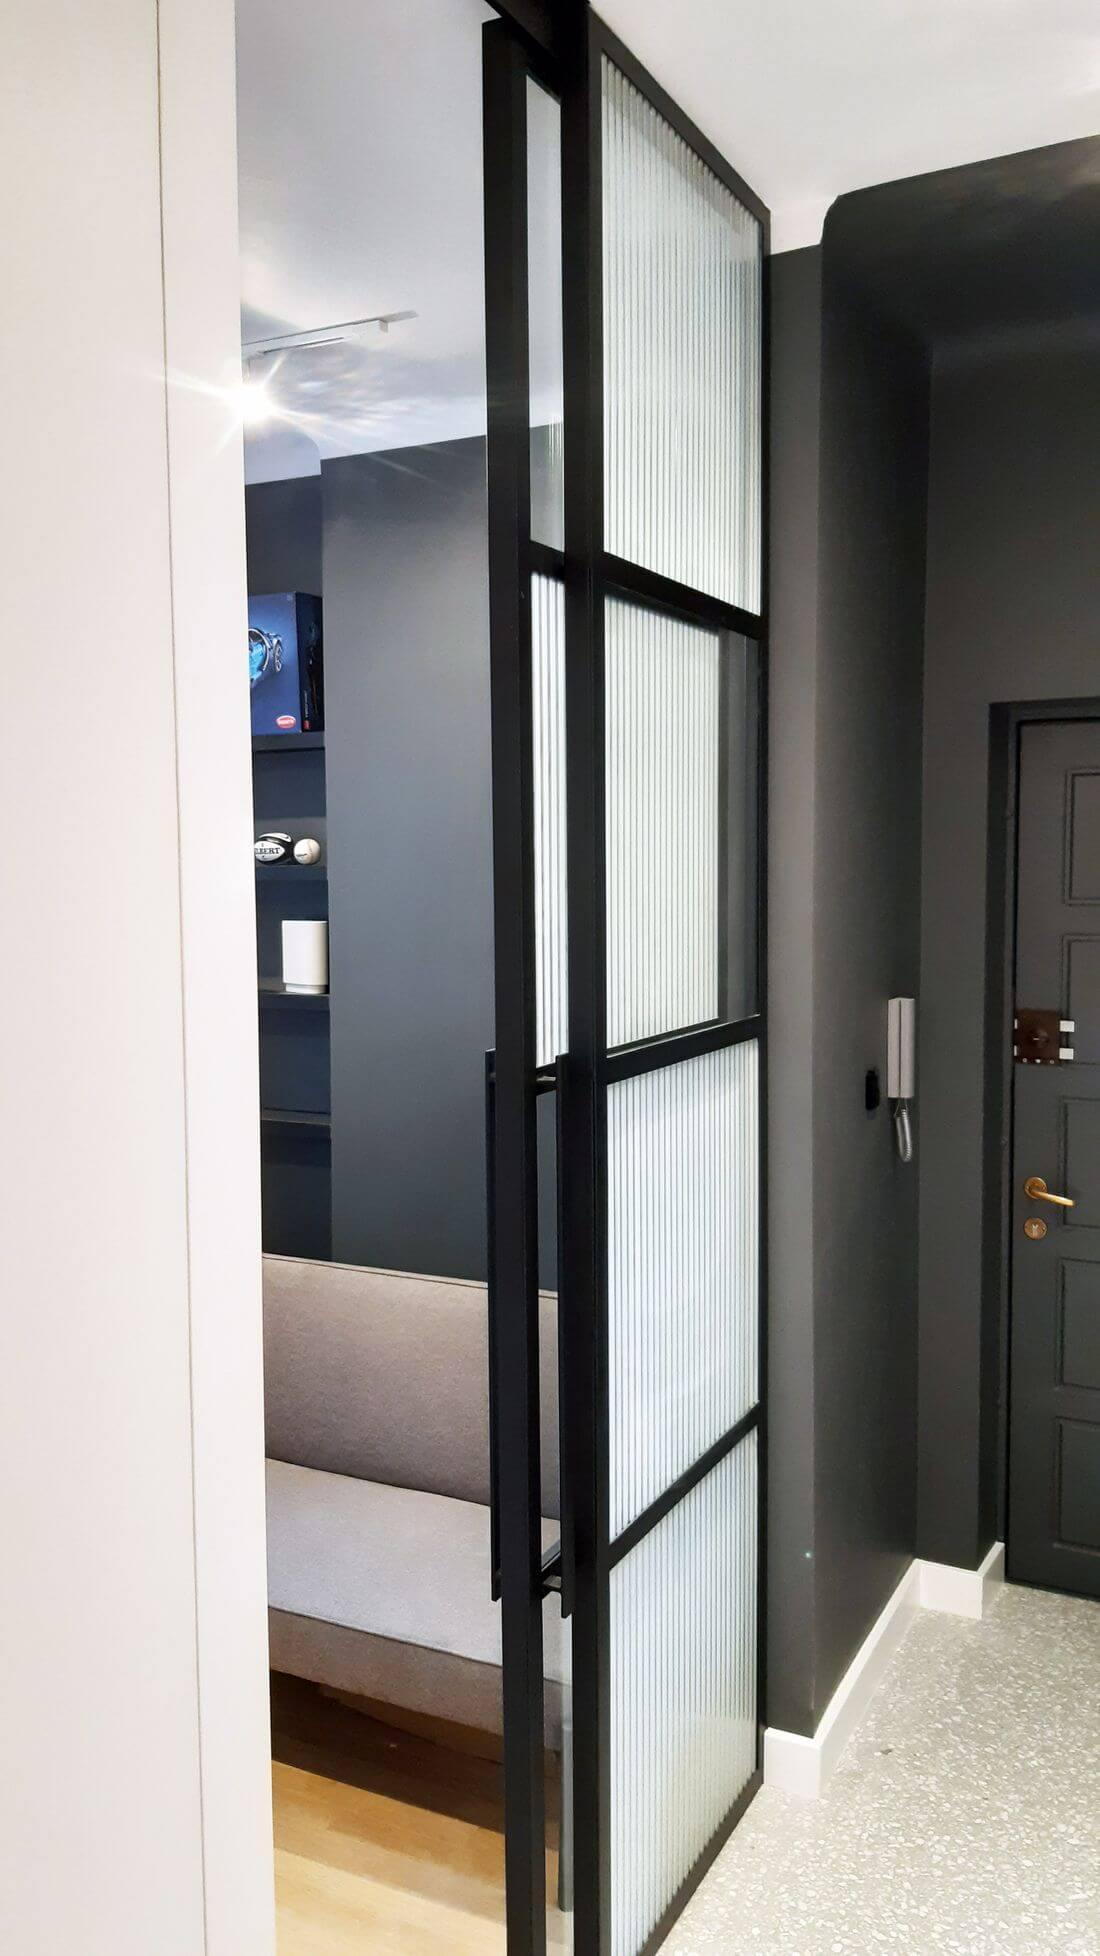 Drzwi rozsuwane loftowe otwarte ze szkła i metalu z szyną w suficie w przedpokoju z szarymi ścianami